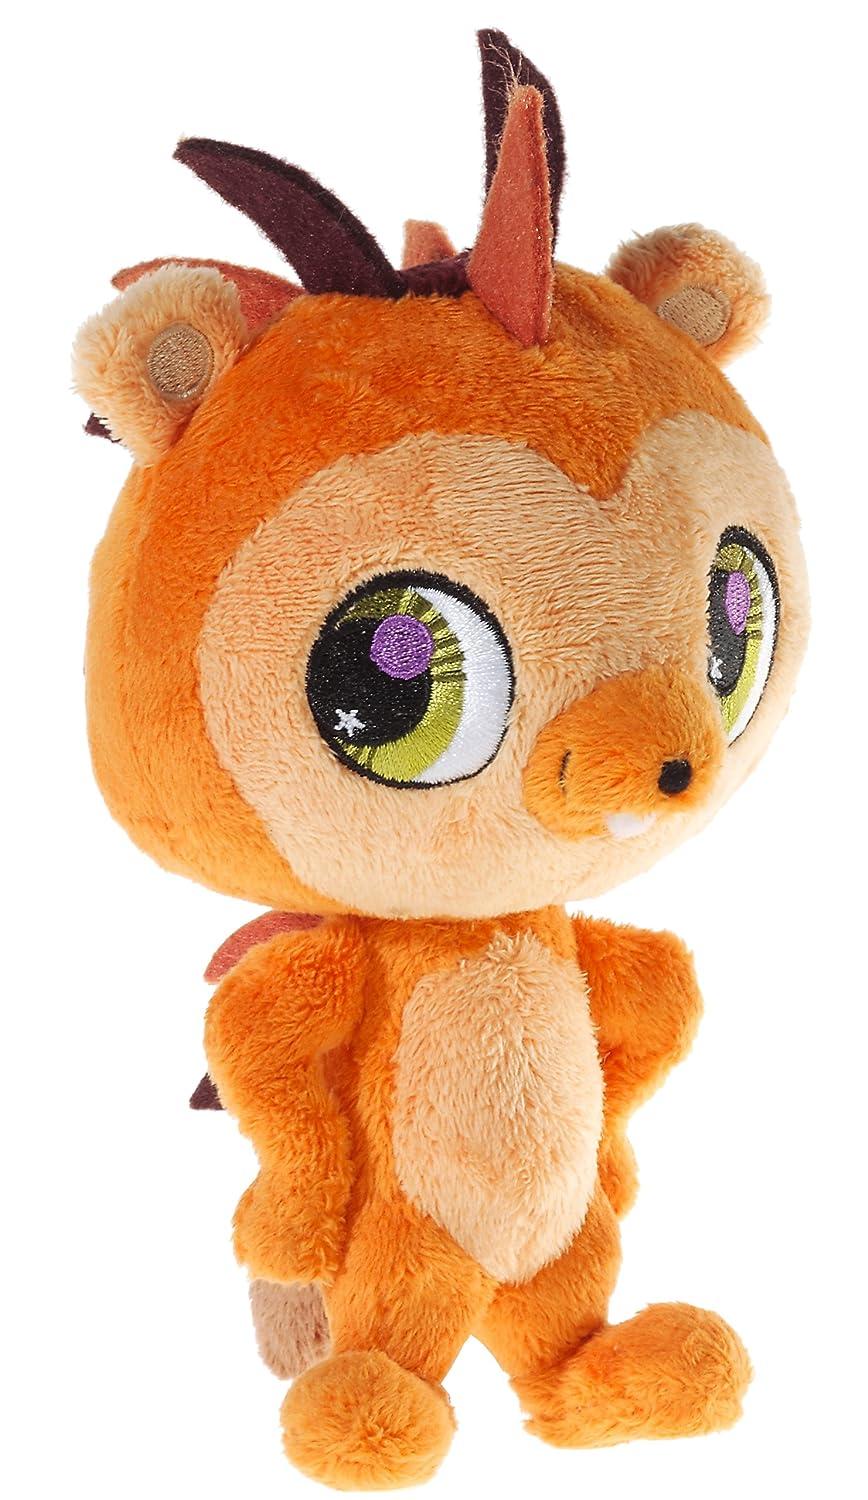 NEU ! Plüschtier süßer Panda Penny 25 cm Heunec® Littlest Pet Shop